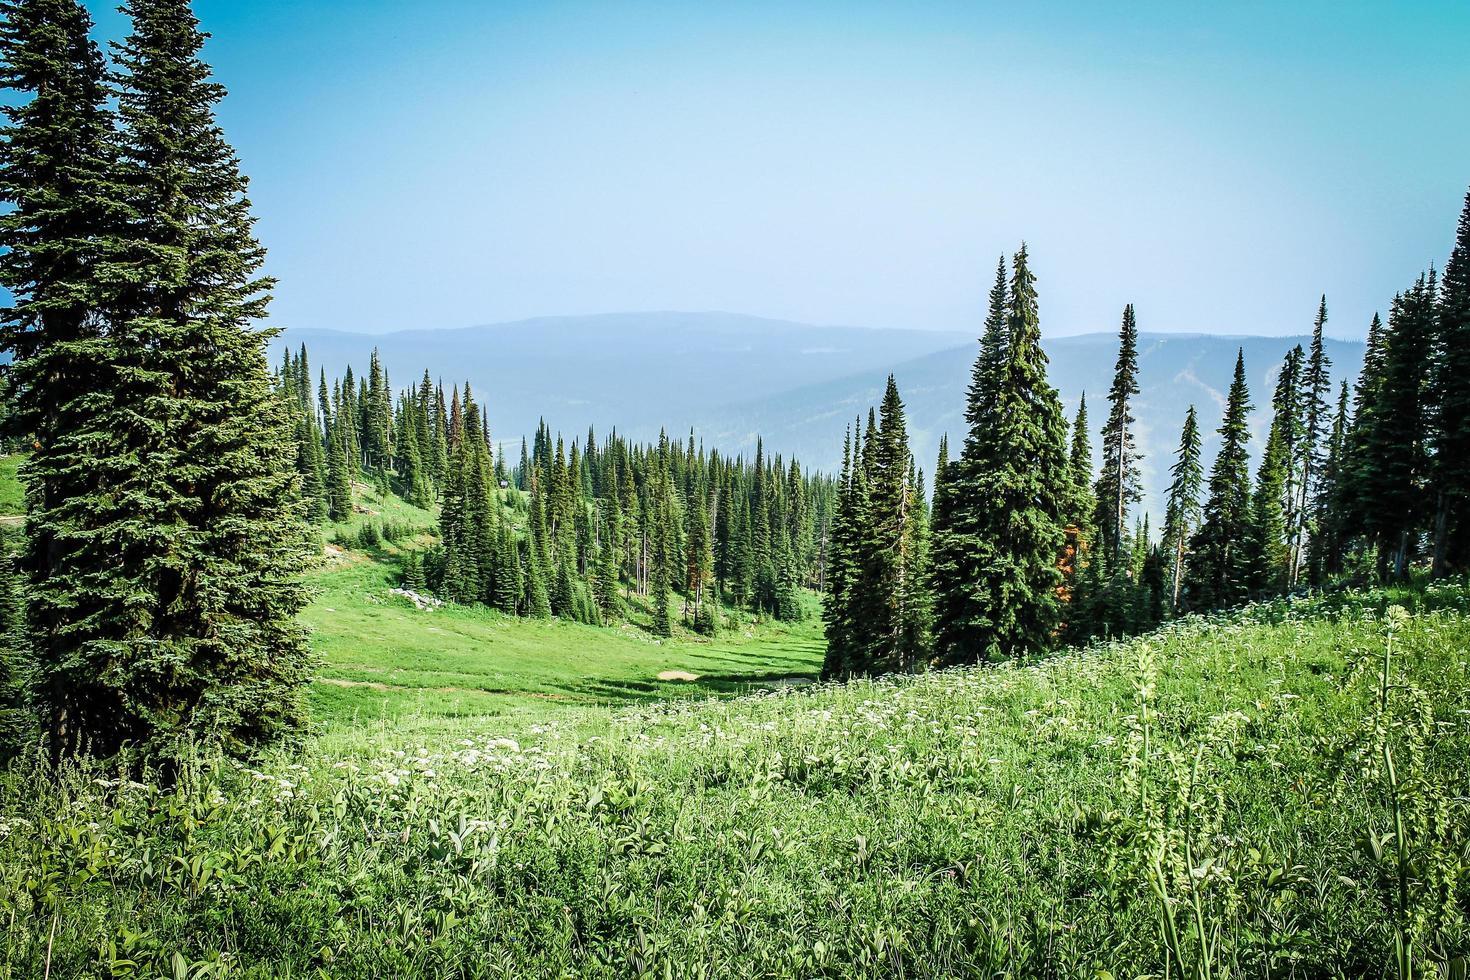 gräsbevuxen åker med träd foto